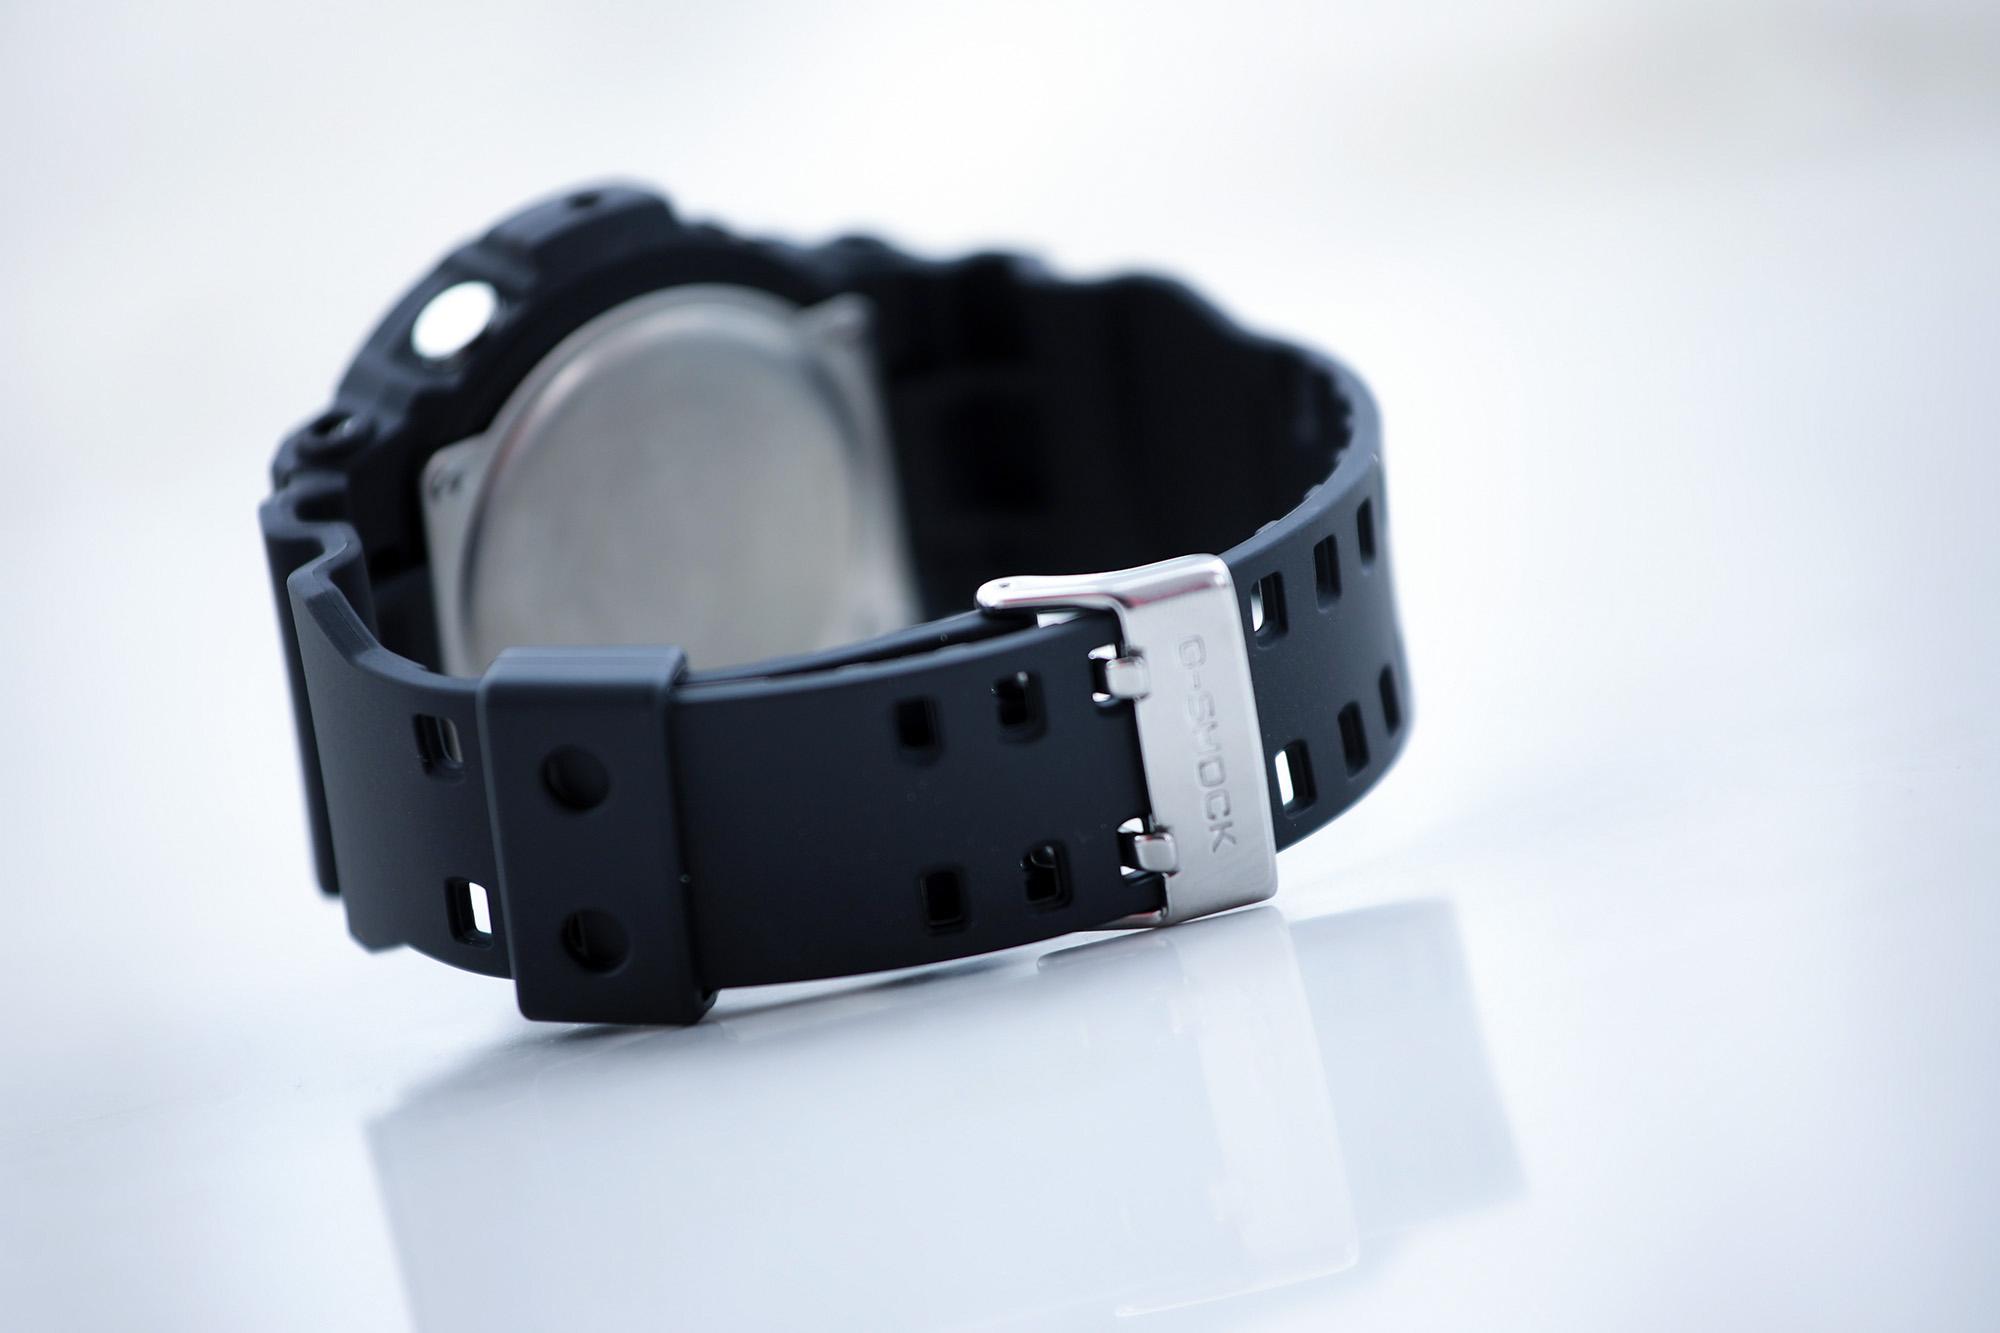 东方双狮、西铁城、精工手表、卡西欧每个品牌的热门手表介绍